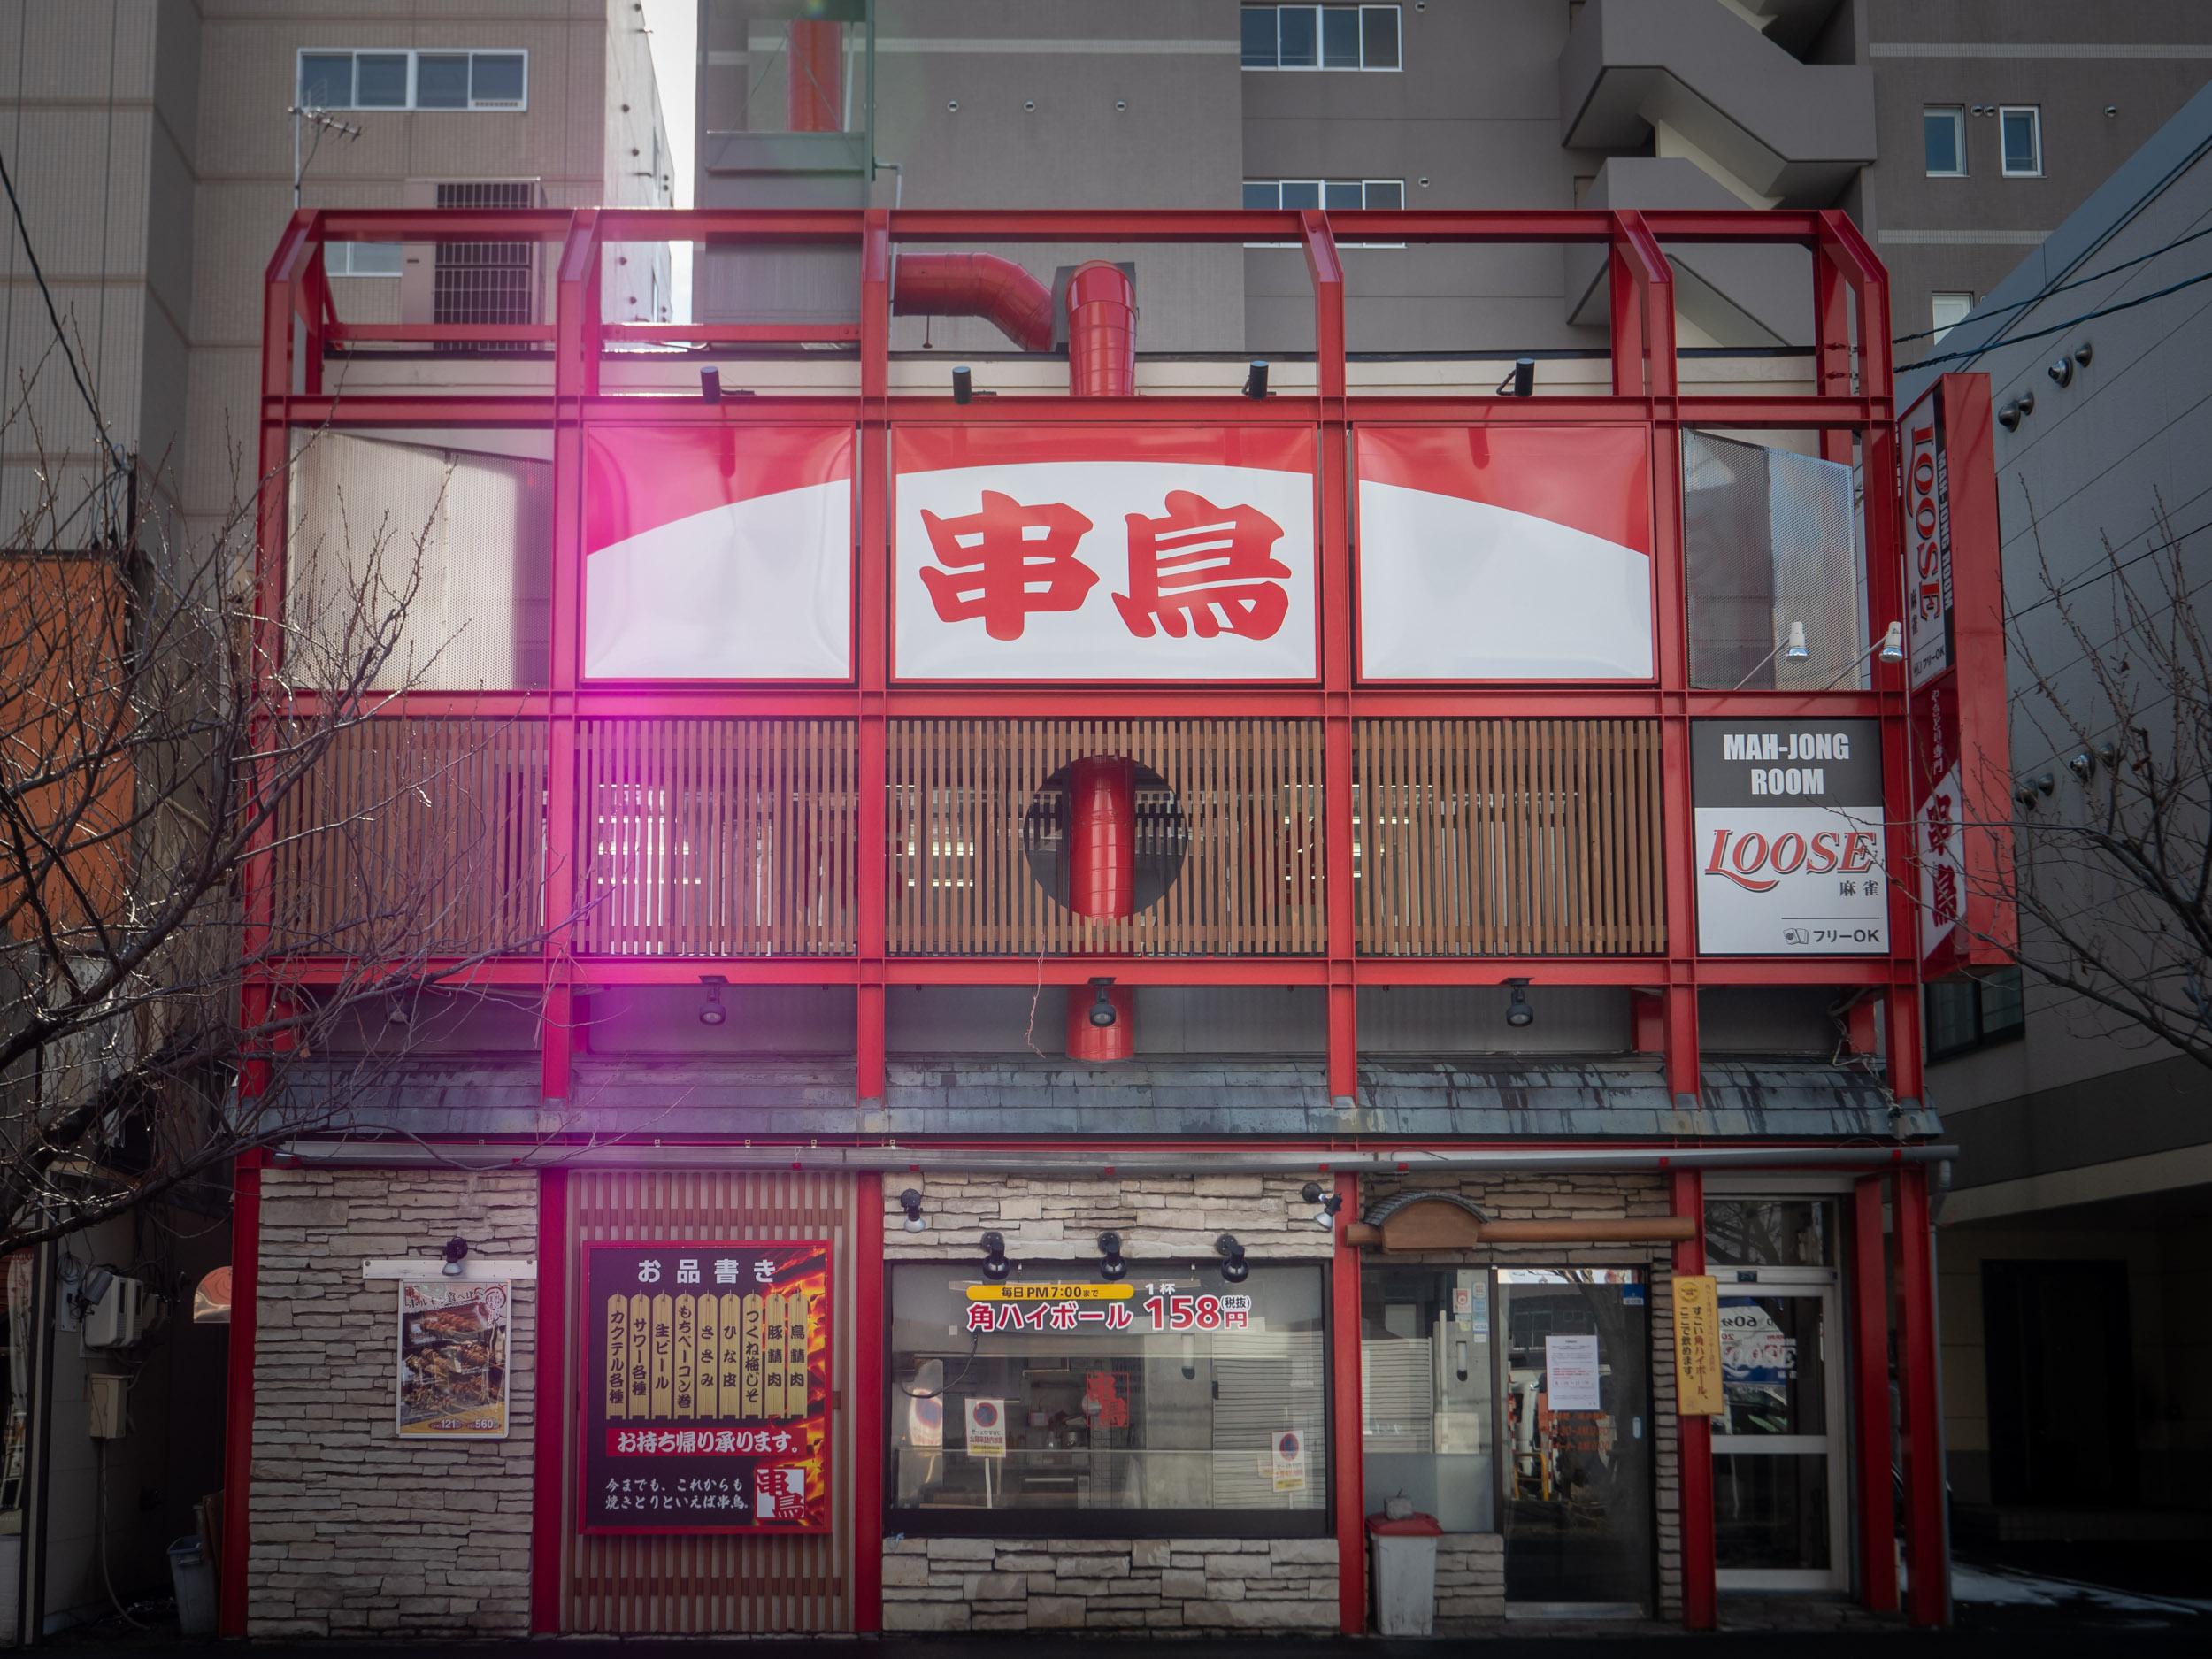 札幌市白石区本郷通8丁目南「串鳥 本郷通店」の外観 DMC-GX8 + LEICA DG 12-60mm